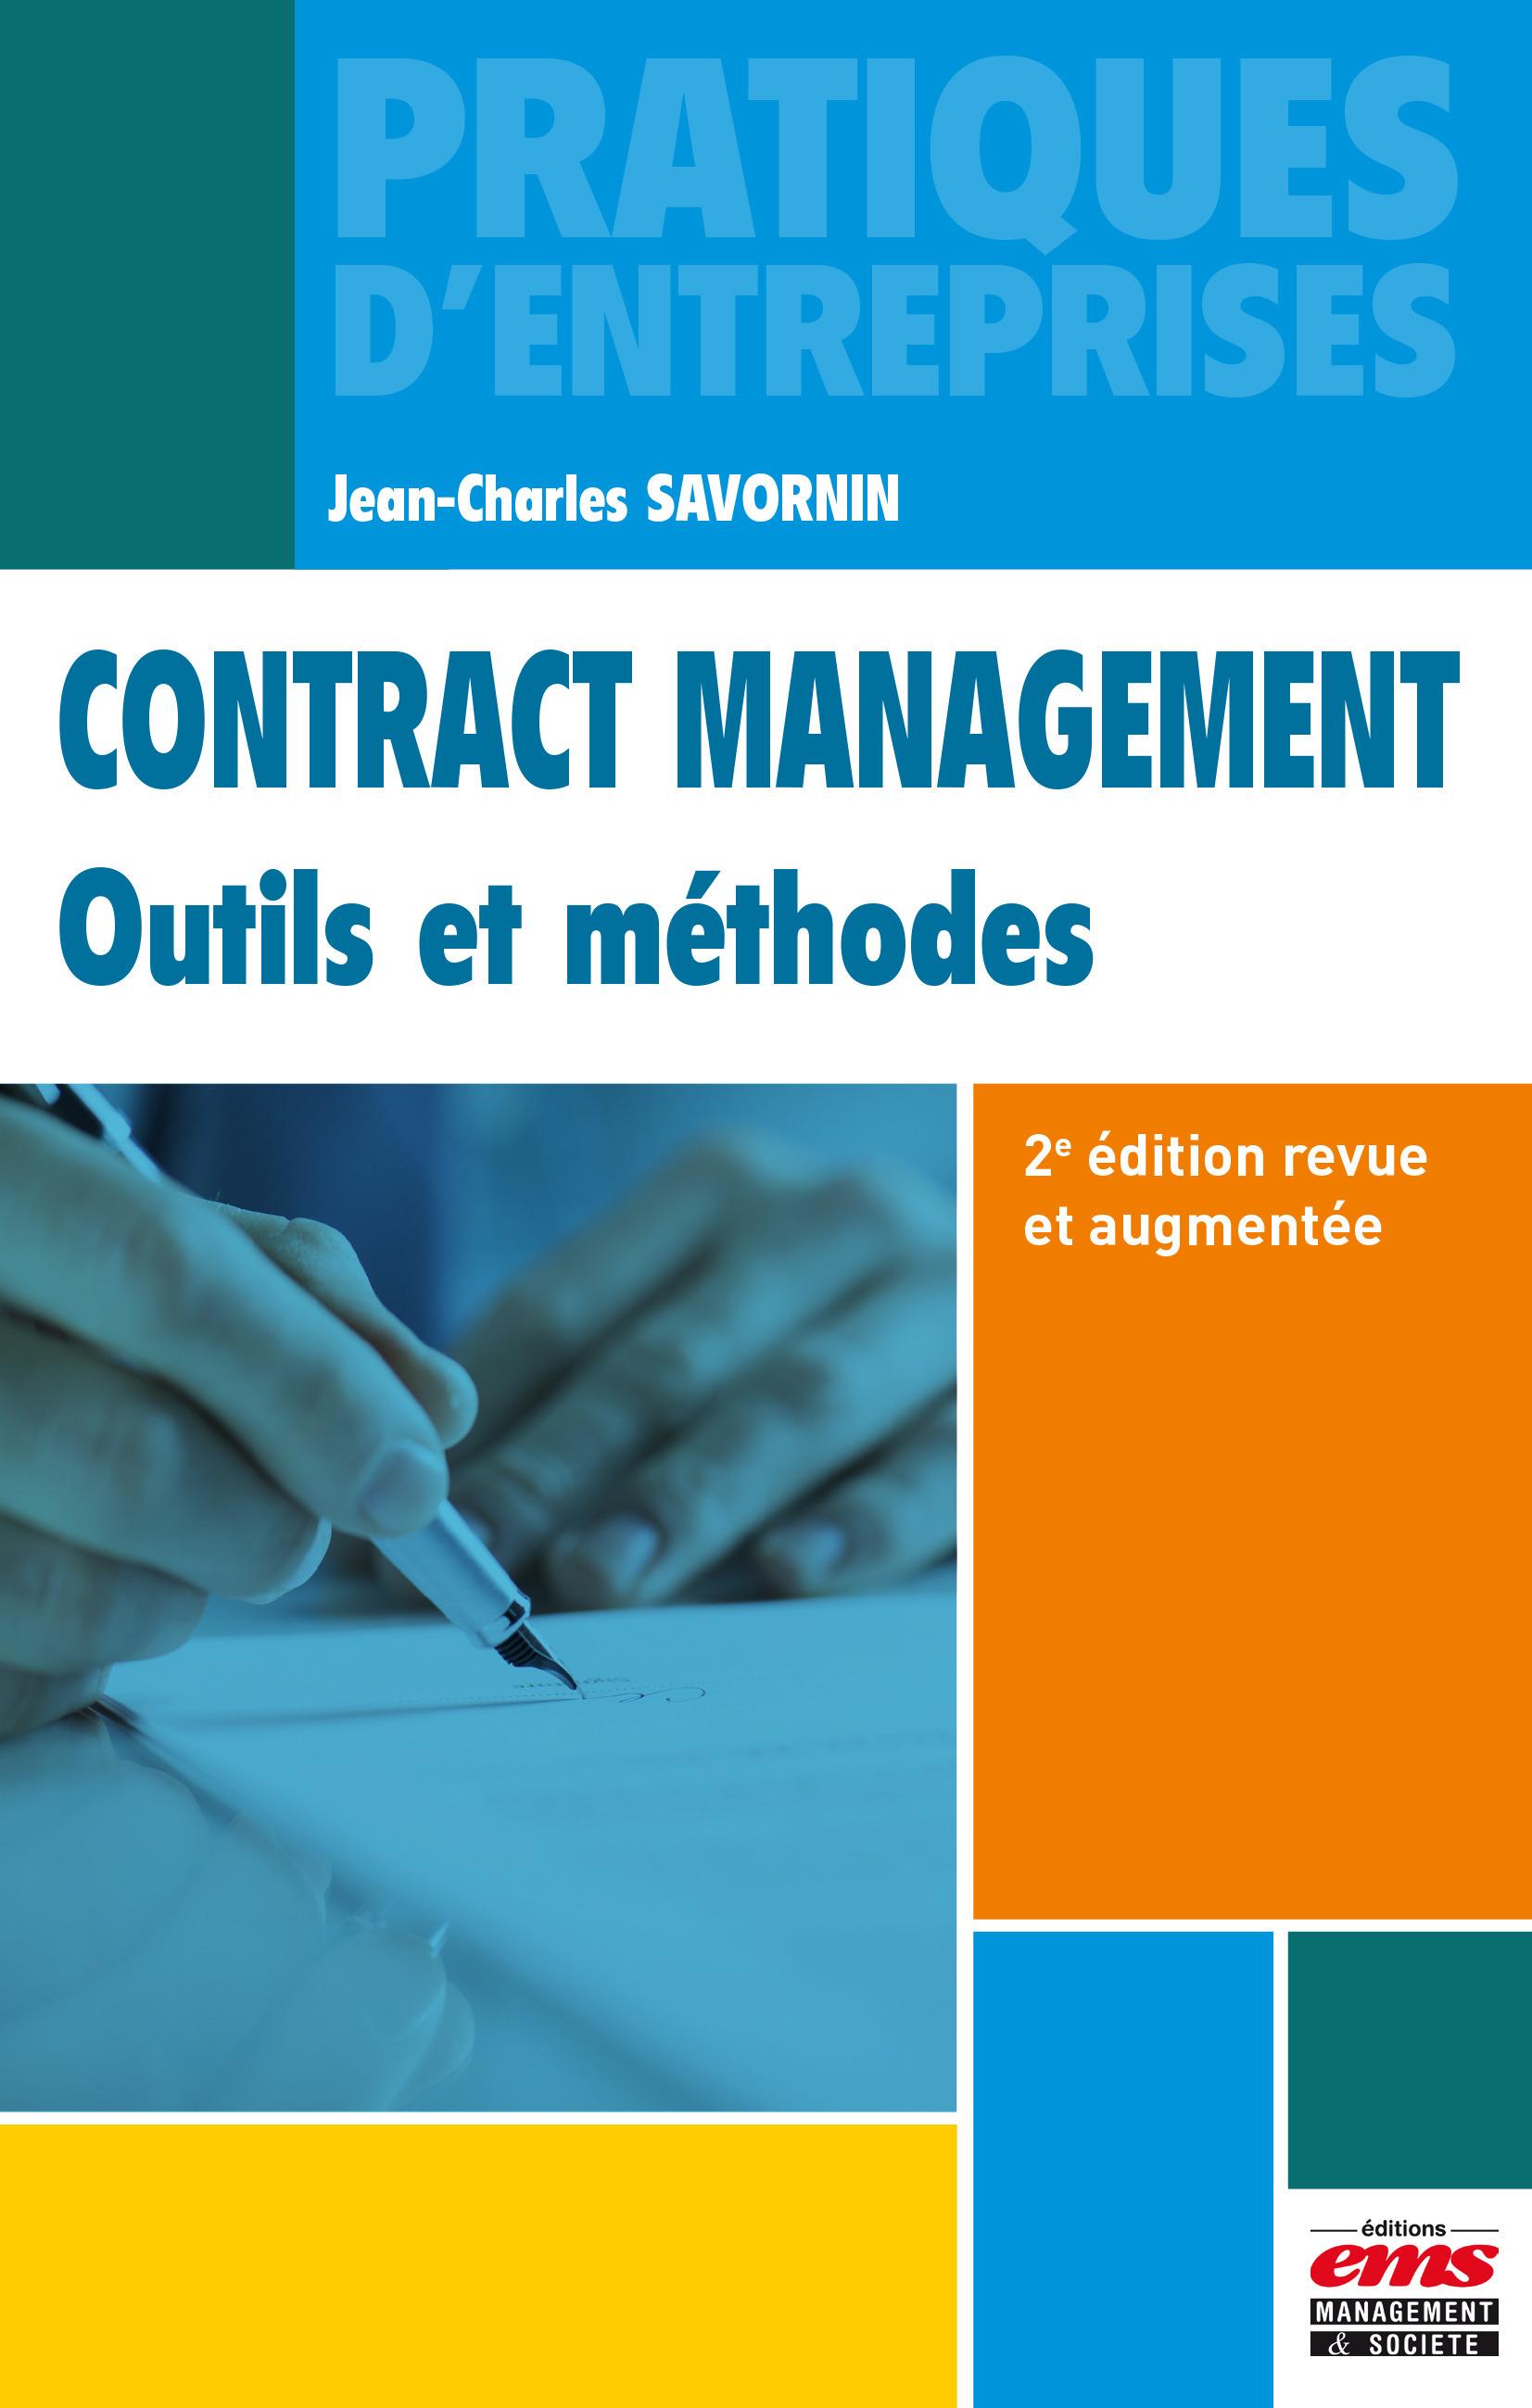 Contract management ; outils et méthodes (2e édition)